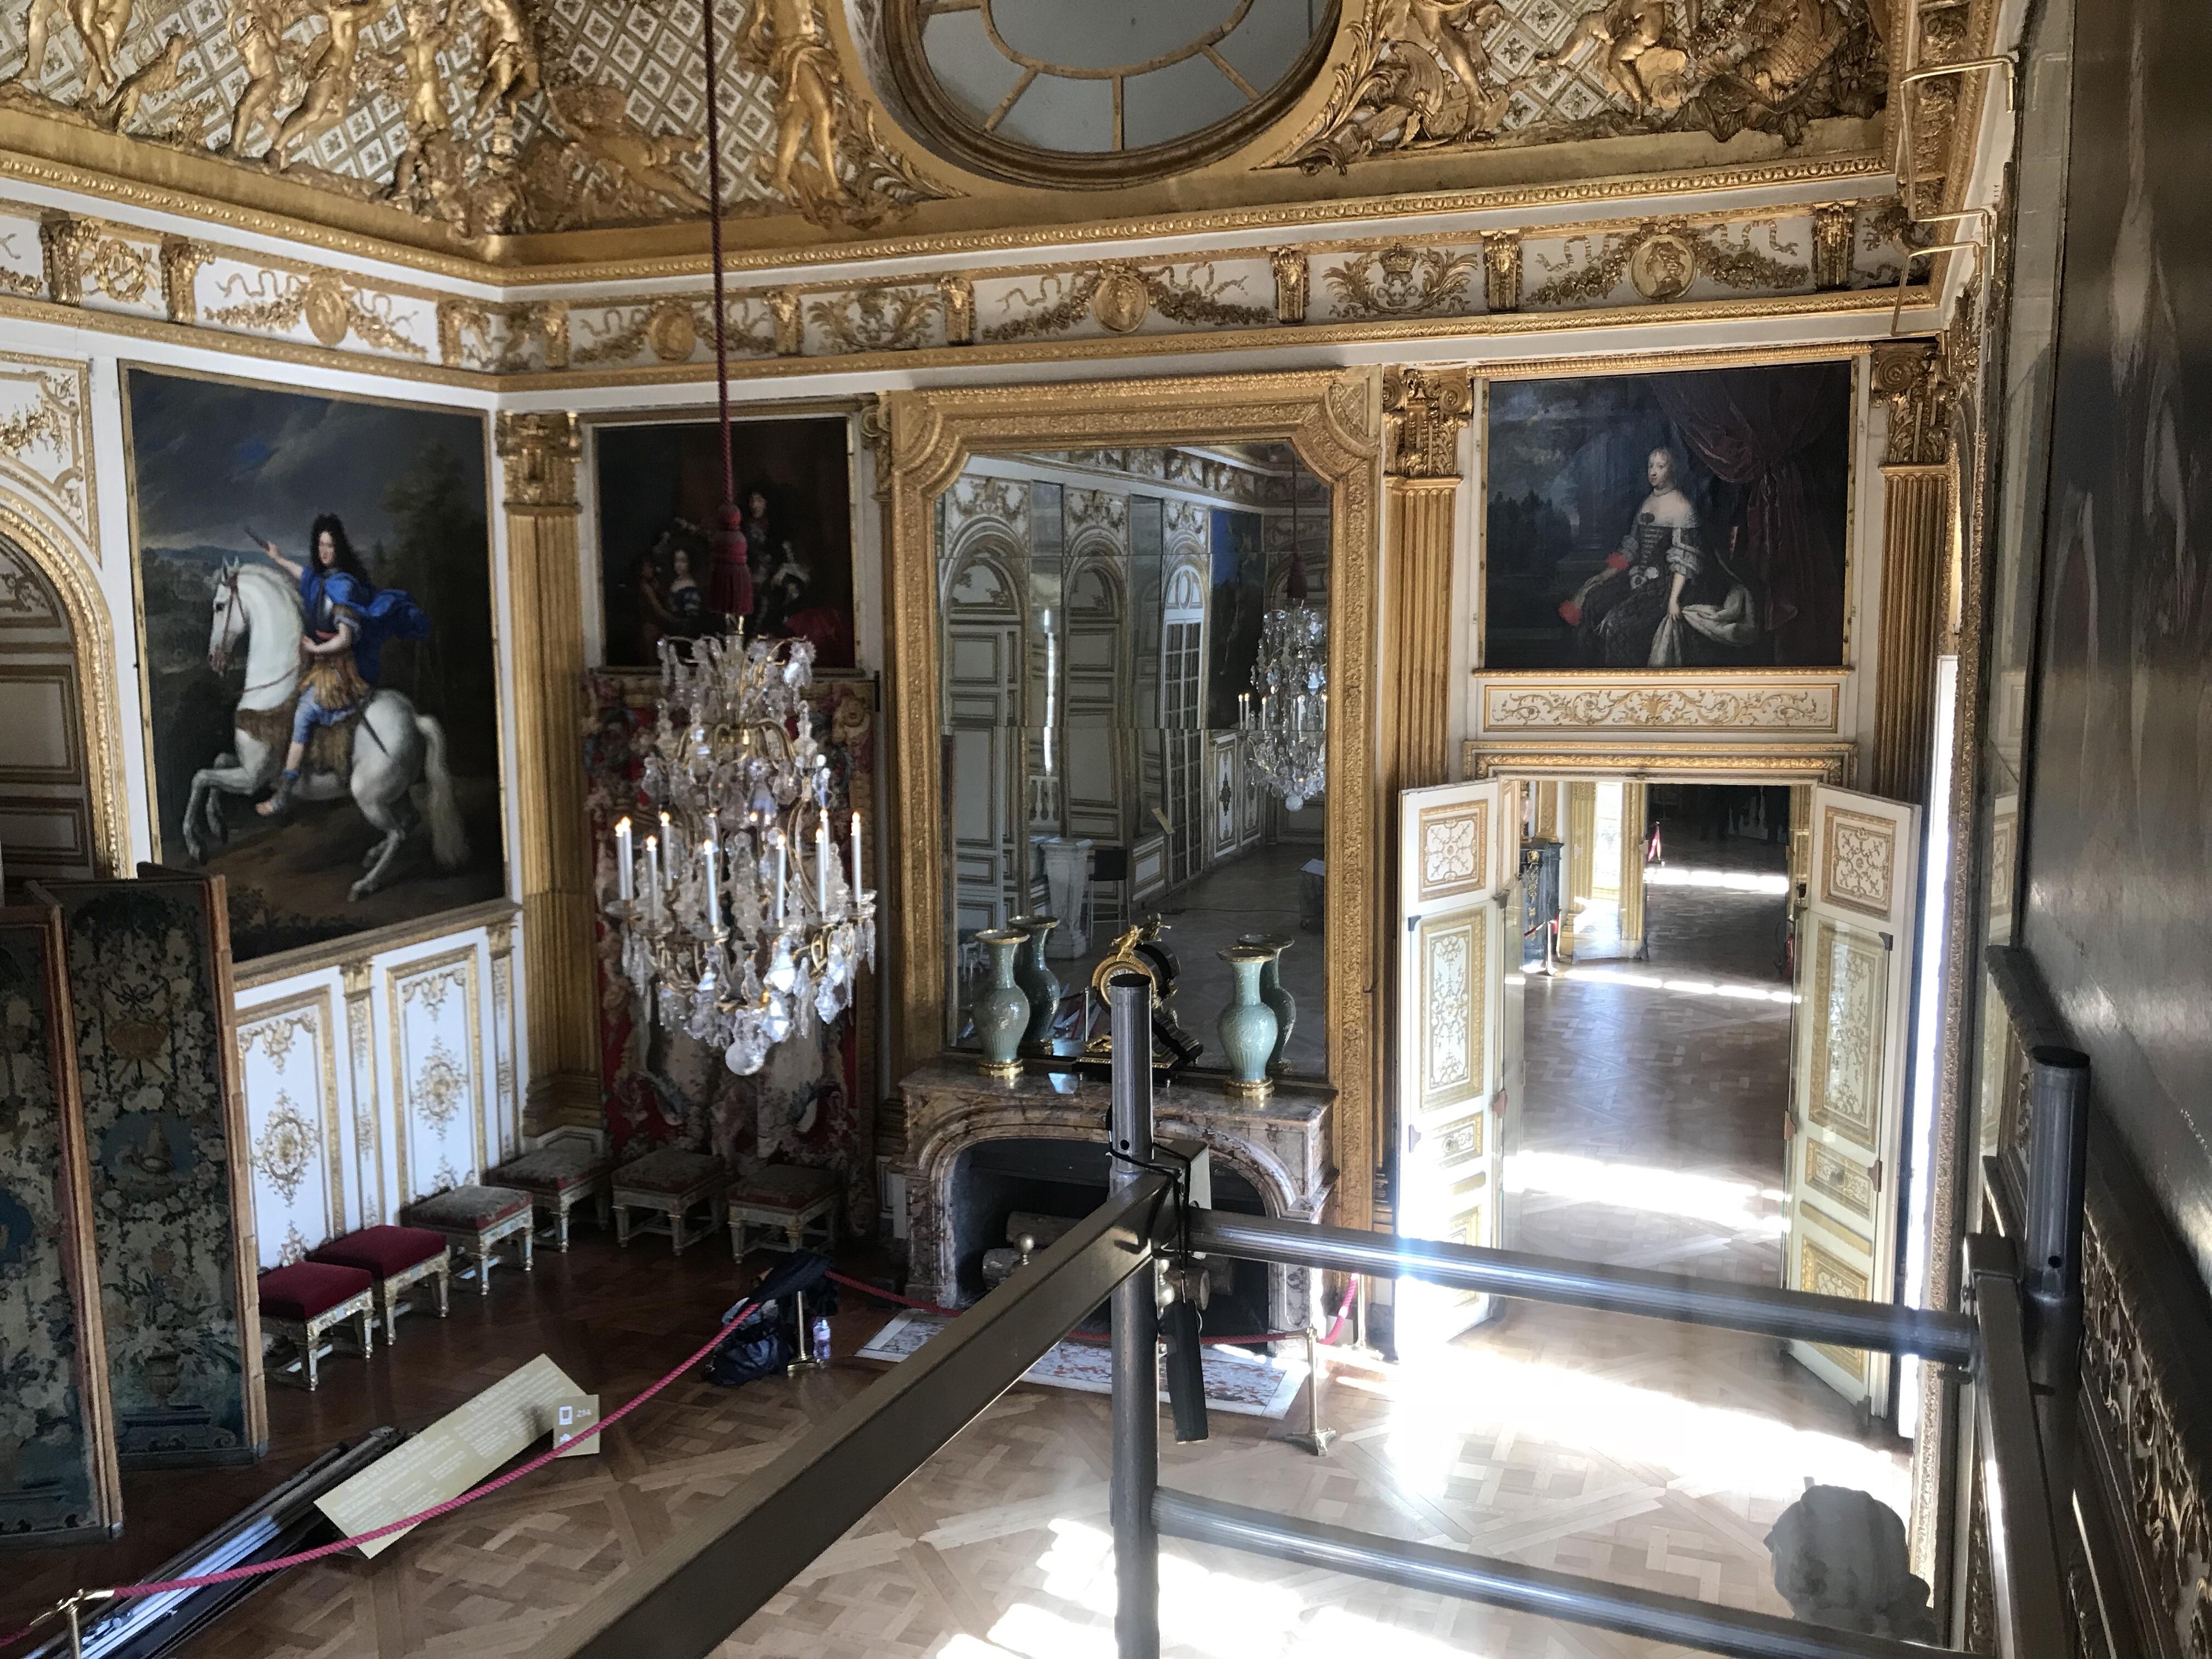 Salon de l'œil de boeuf - Château de versailles